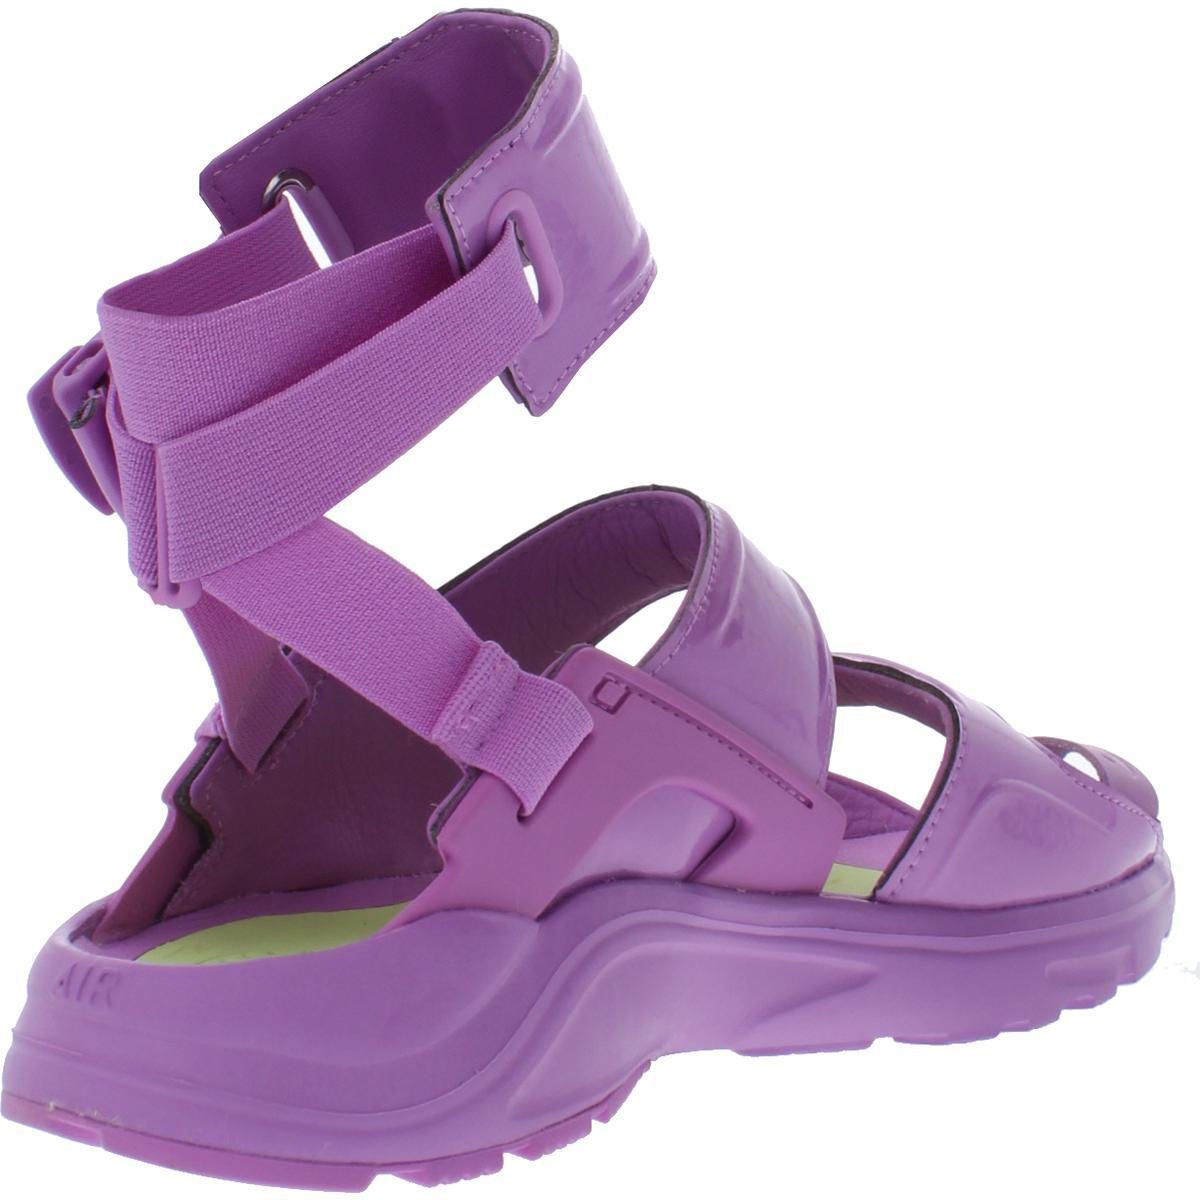 Nike-Womens-Air-Huarache-Gladiator-QS-Toe-Loop-Sport-Sandals-Shoes-BHFO-3410 thumbnail 4